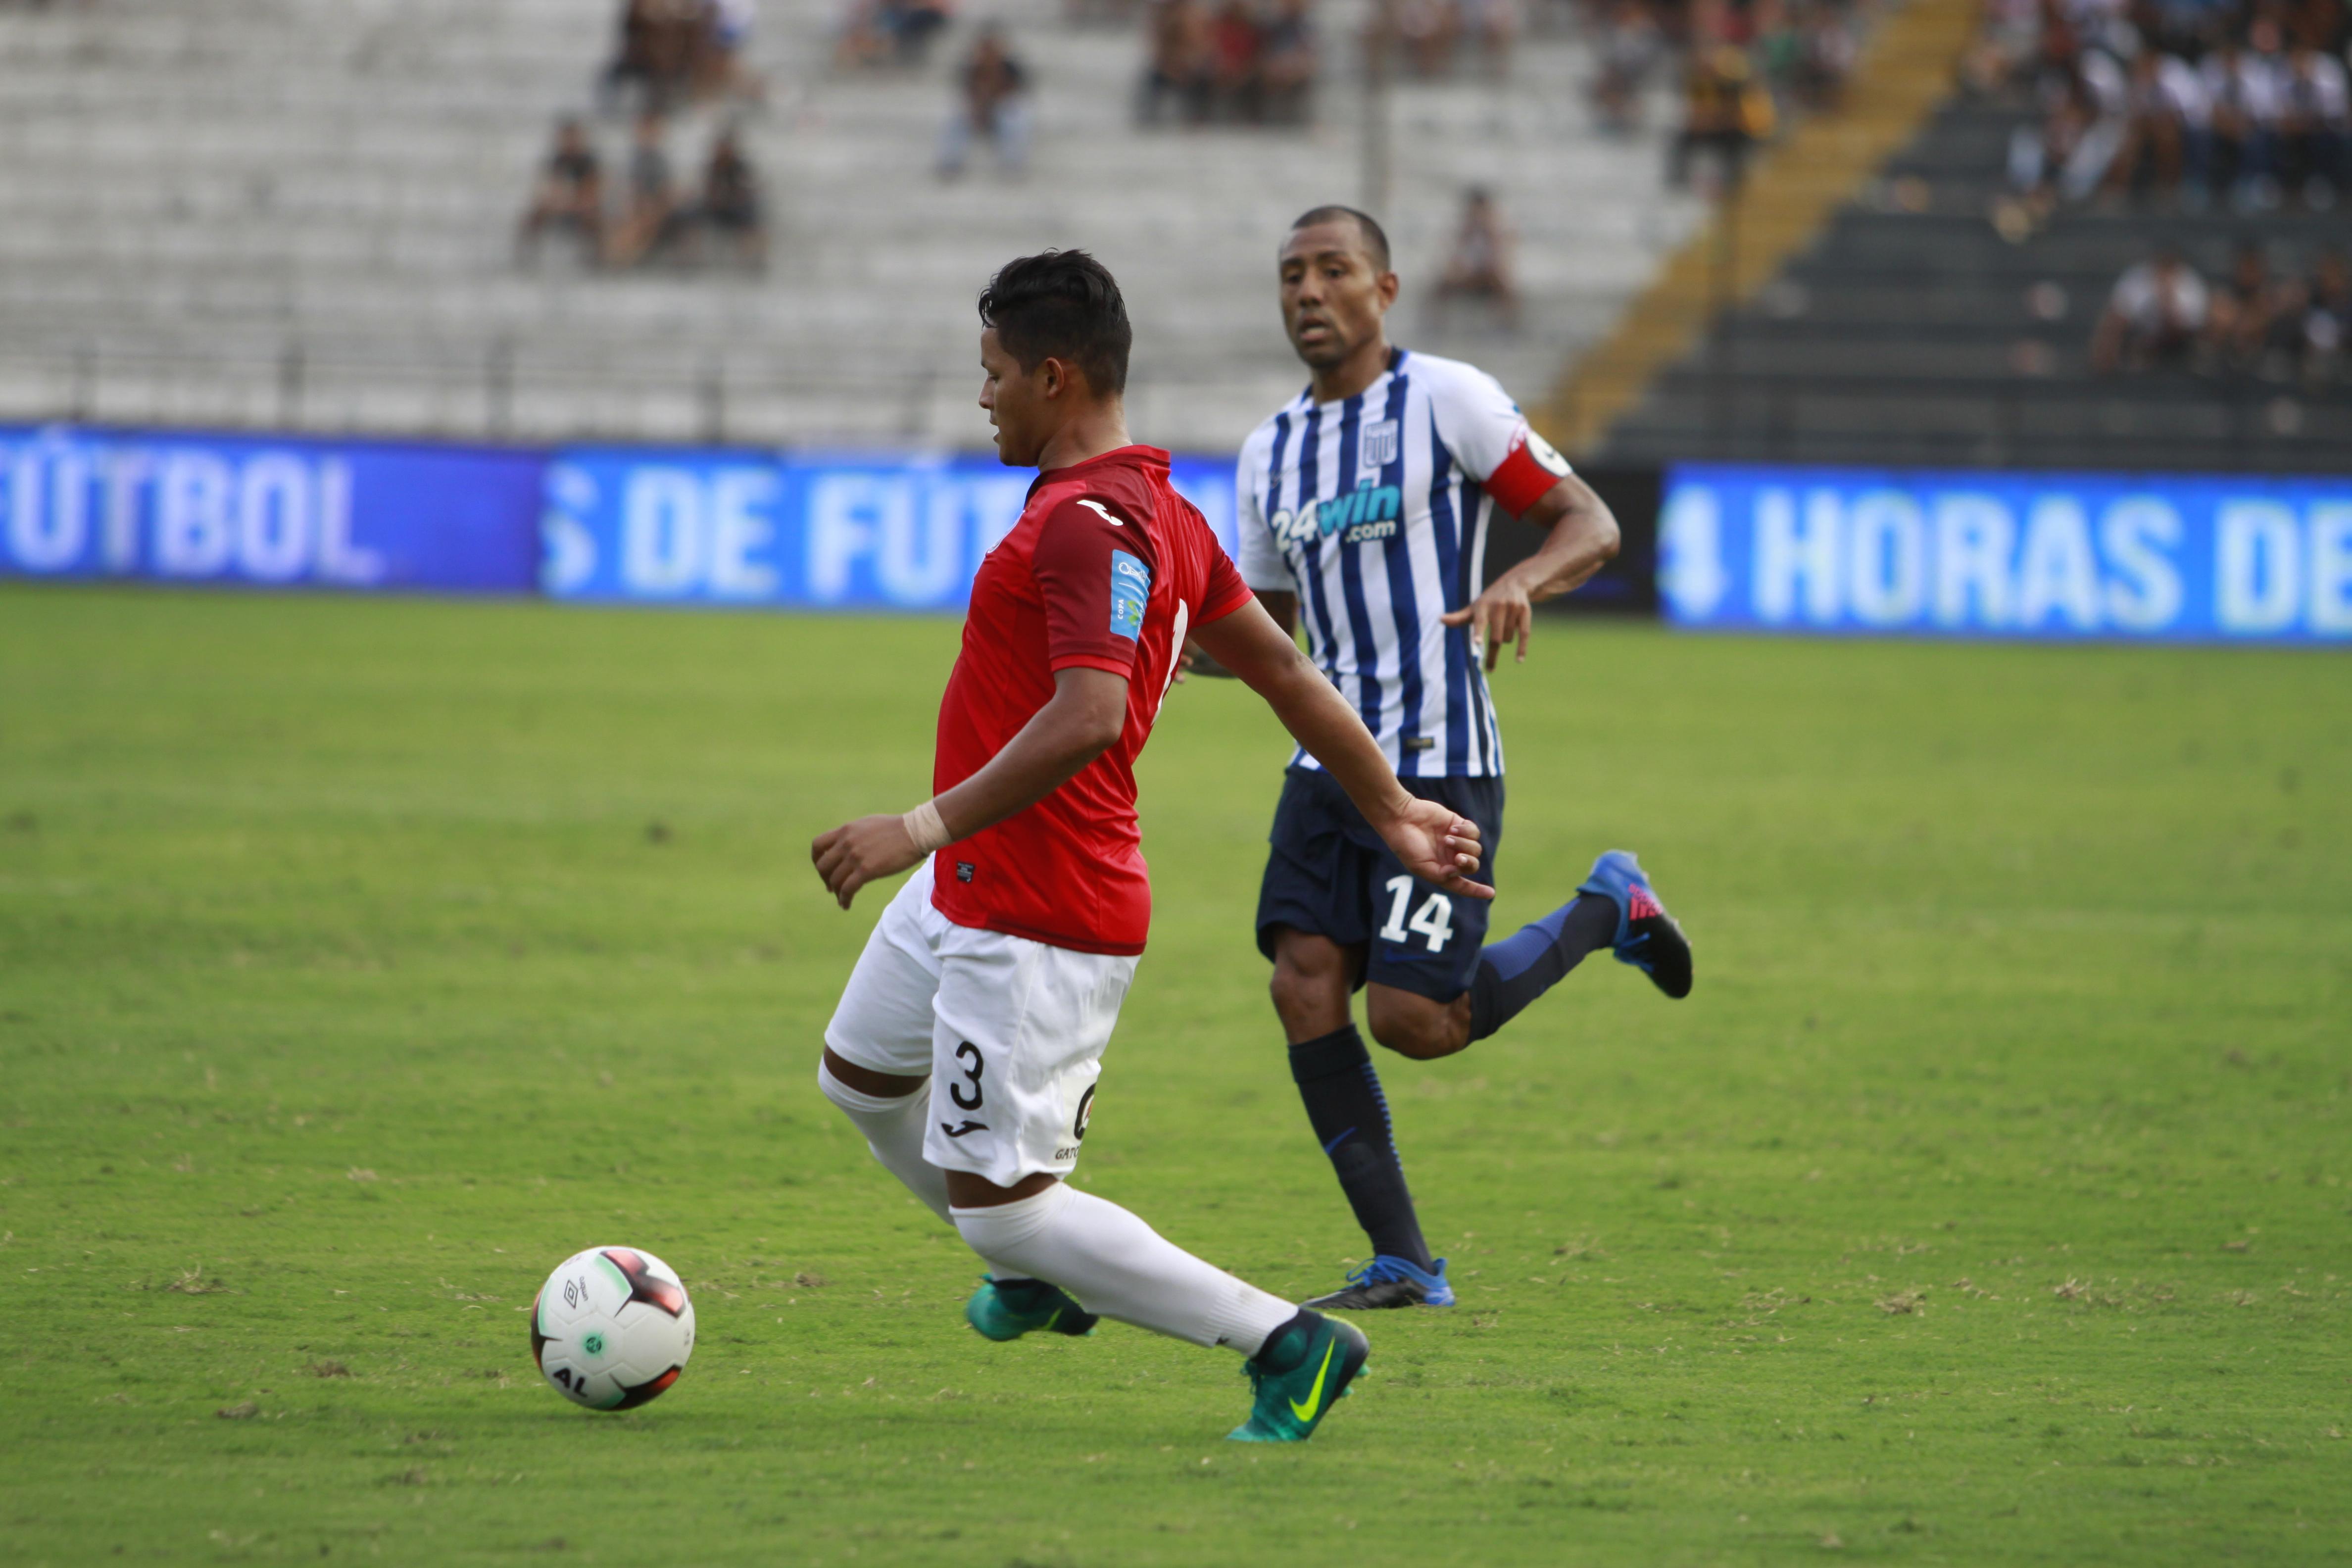 El partido entre Juan Aurich y Alianza Lima sigue en suspenso por los cambios climatológicos en el norte del país.